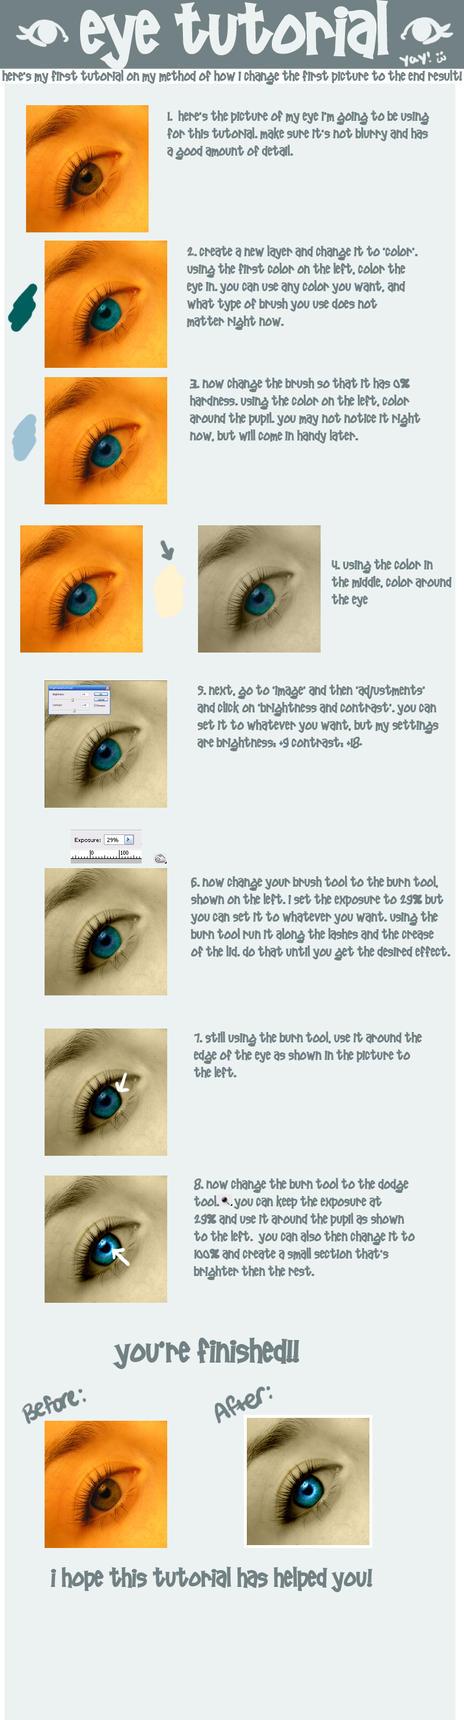 Eye Tutorial by Sugargrl14